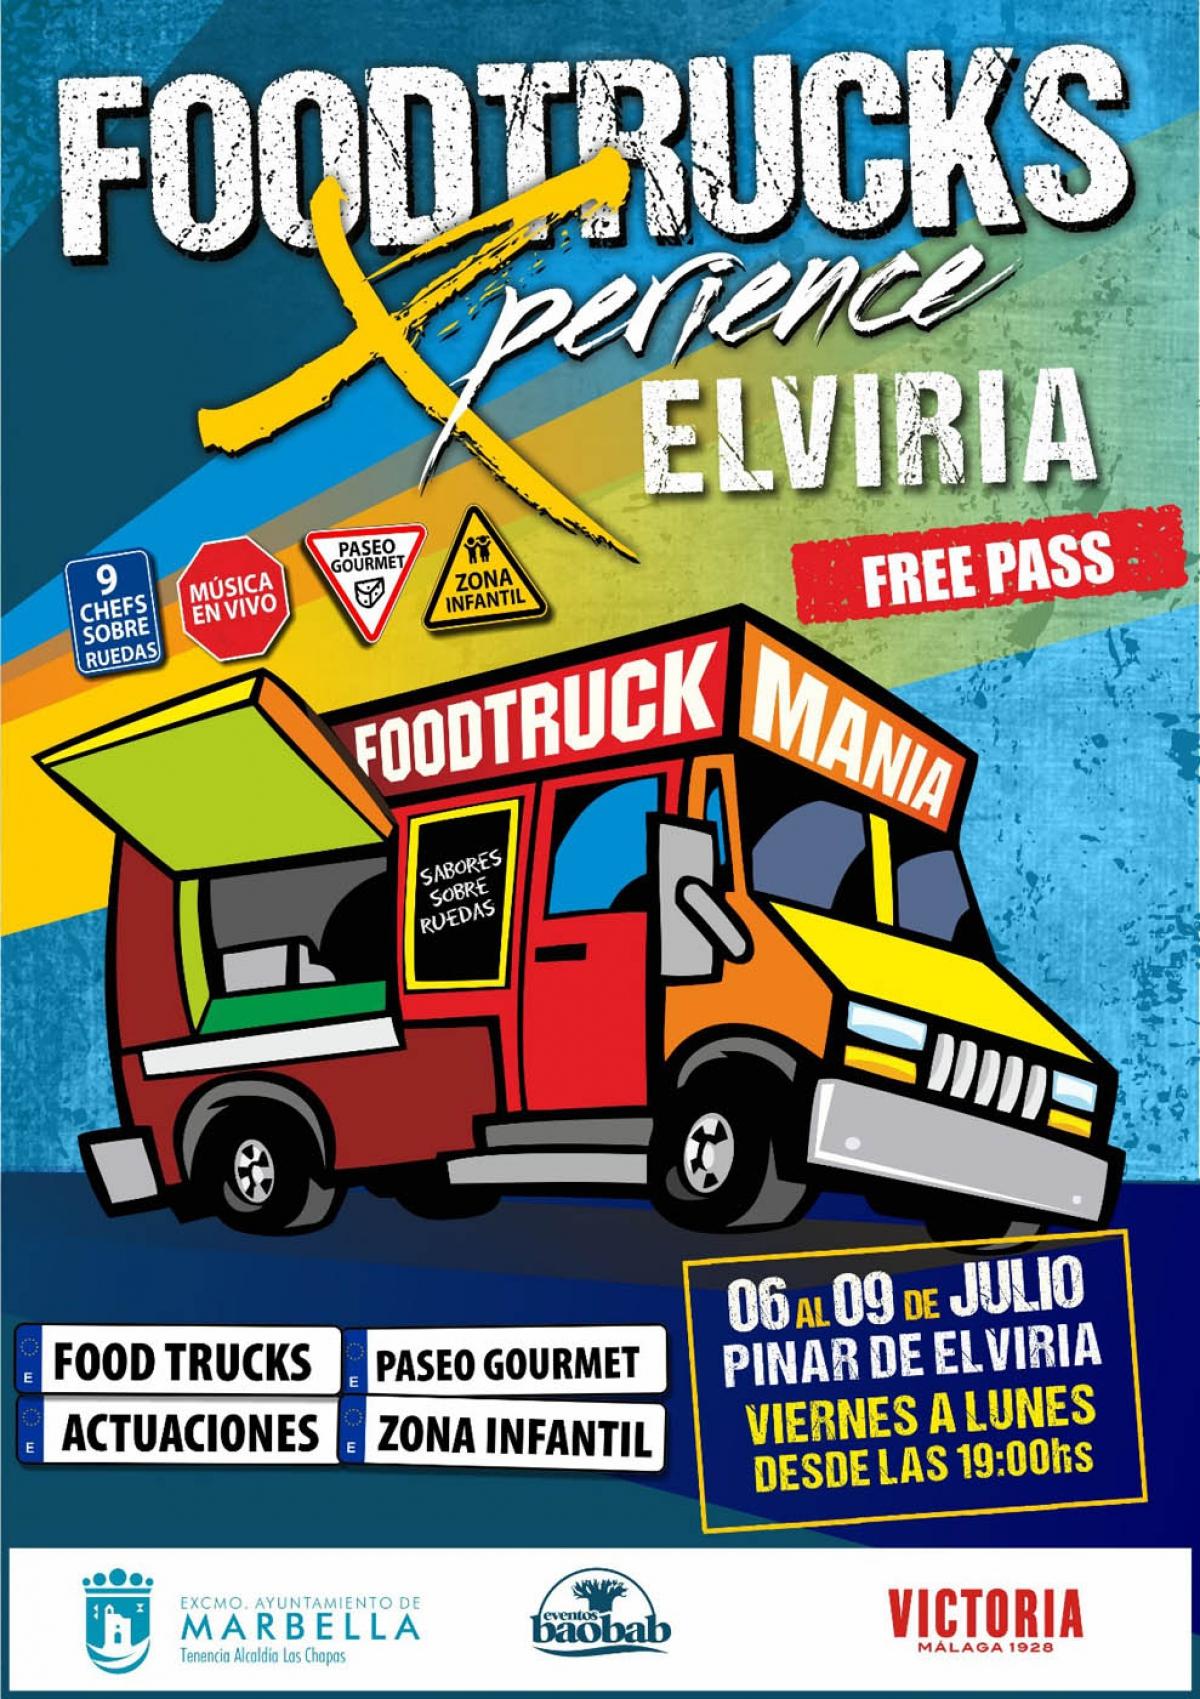 Las Chapas acogerá del 6 al 9 de julio el evento gastronómico 'Foodtrucks Xperience Elviria'